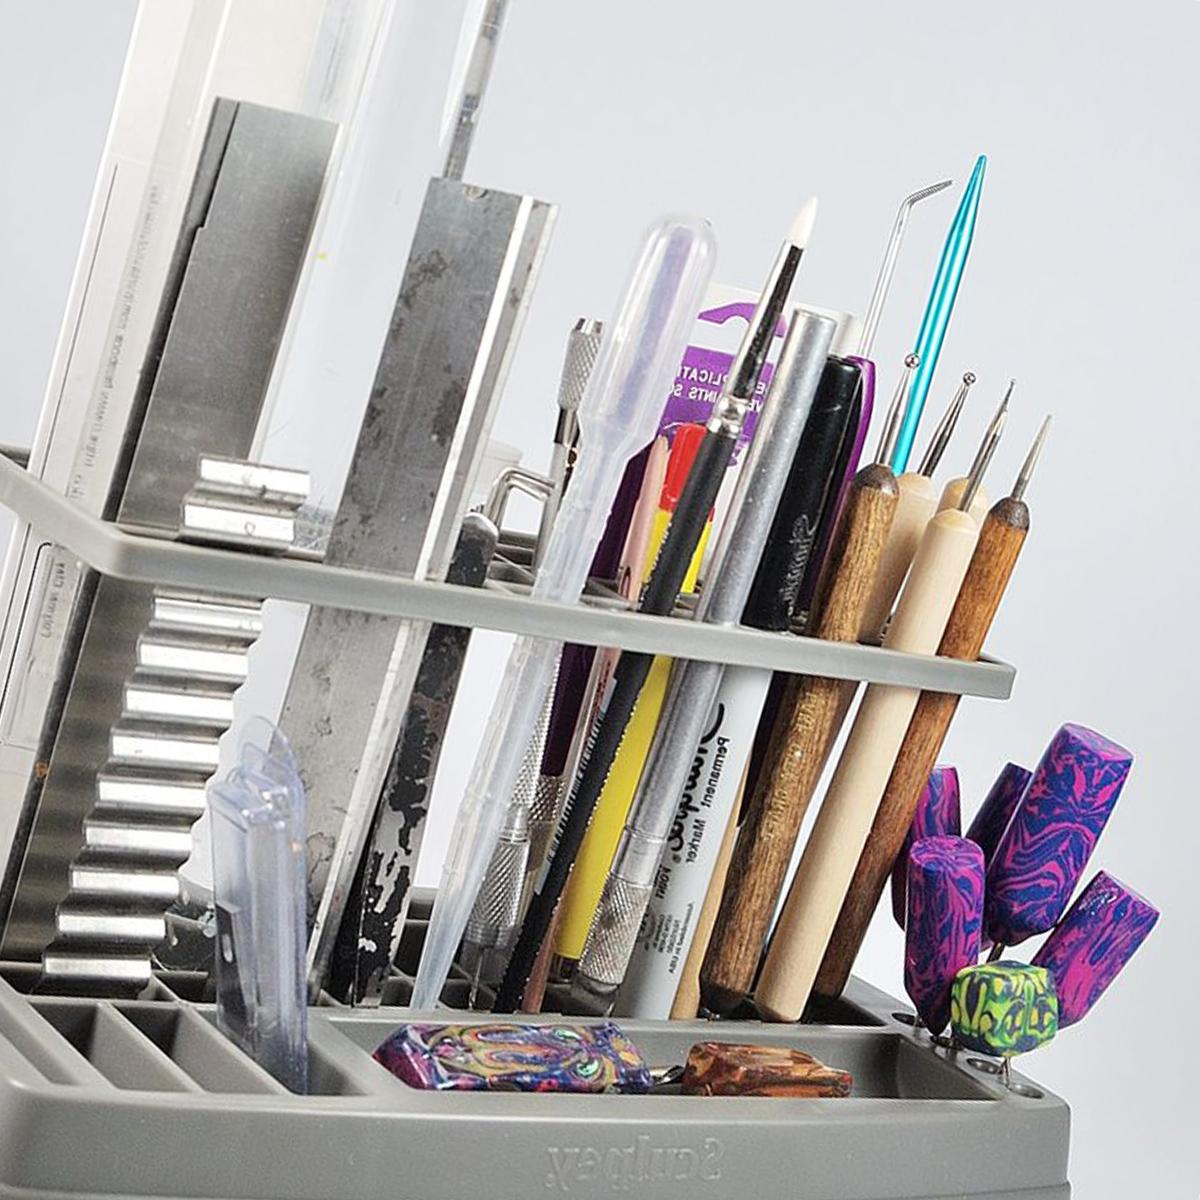 Инструменты и материалы, применяемые для работы с ювелирным эпоксидным компаундом фото 1